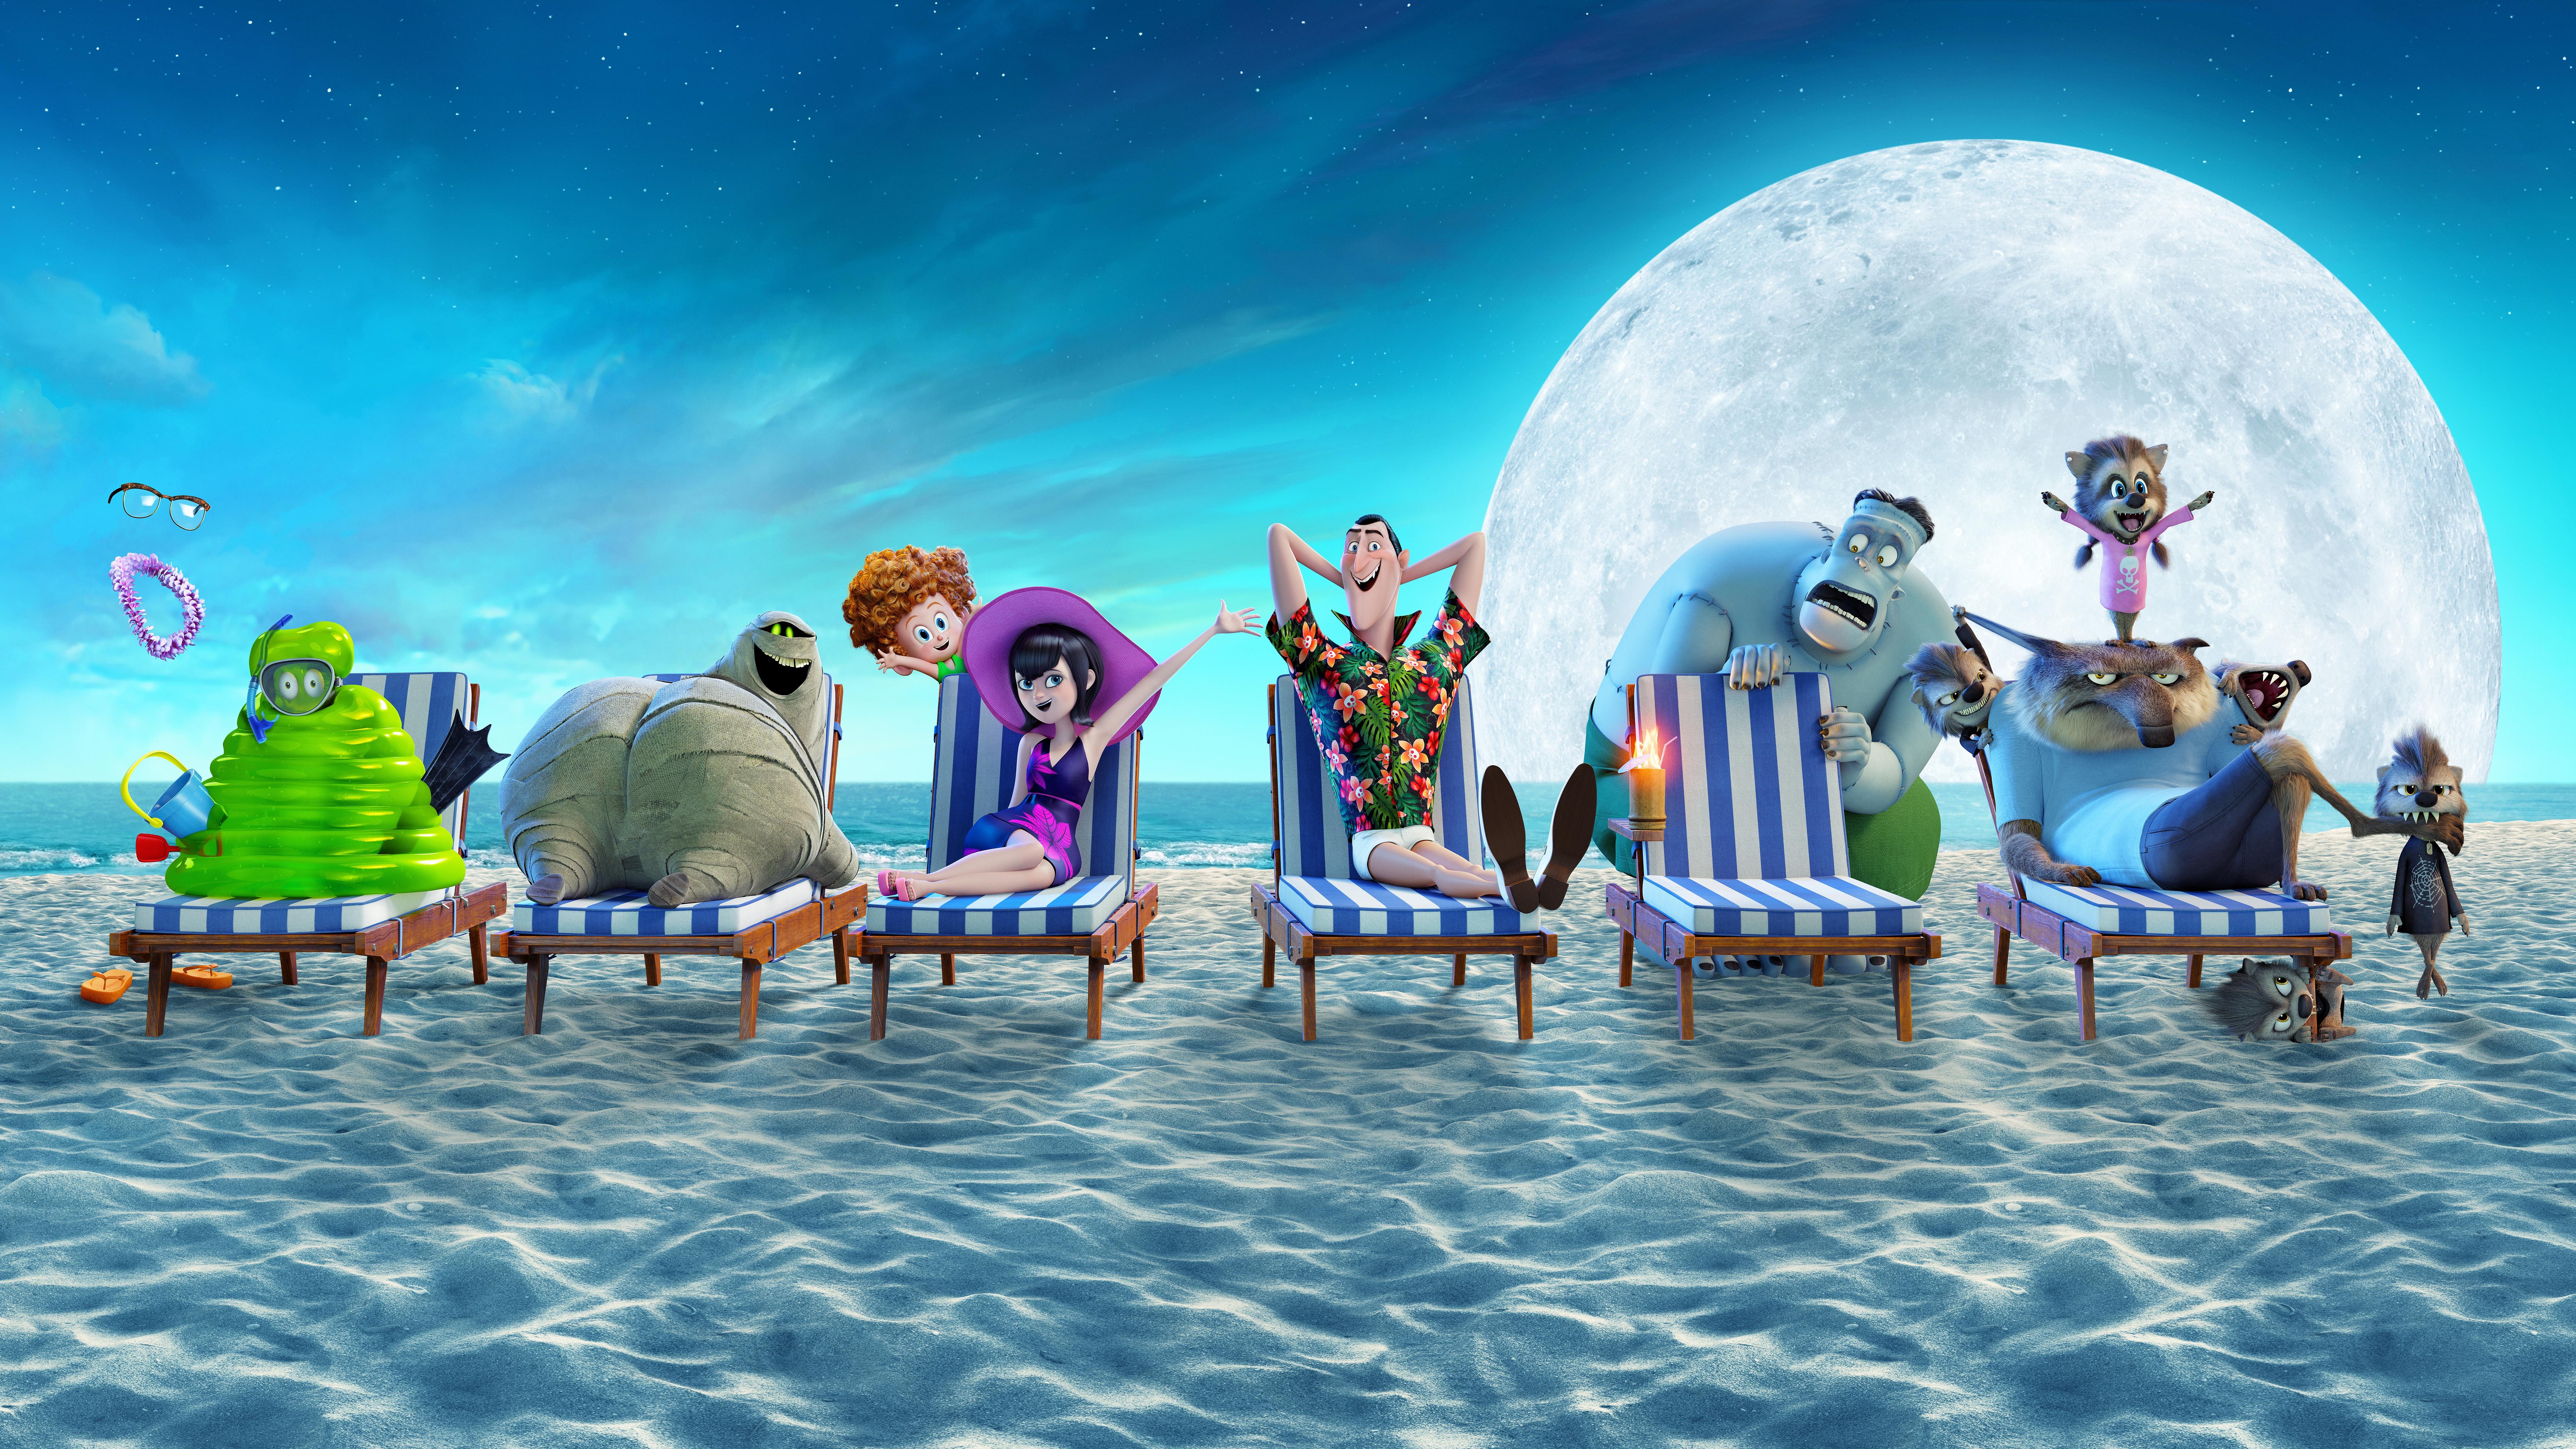 Hotel Transylvania 3 Summer Vacation 8k Ultra HD Wallpaper 7680x4320